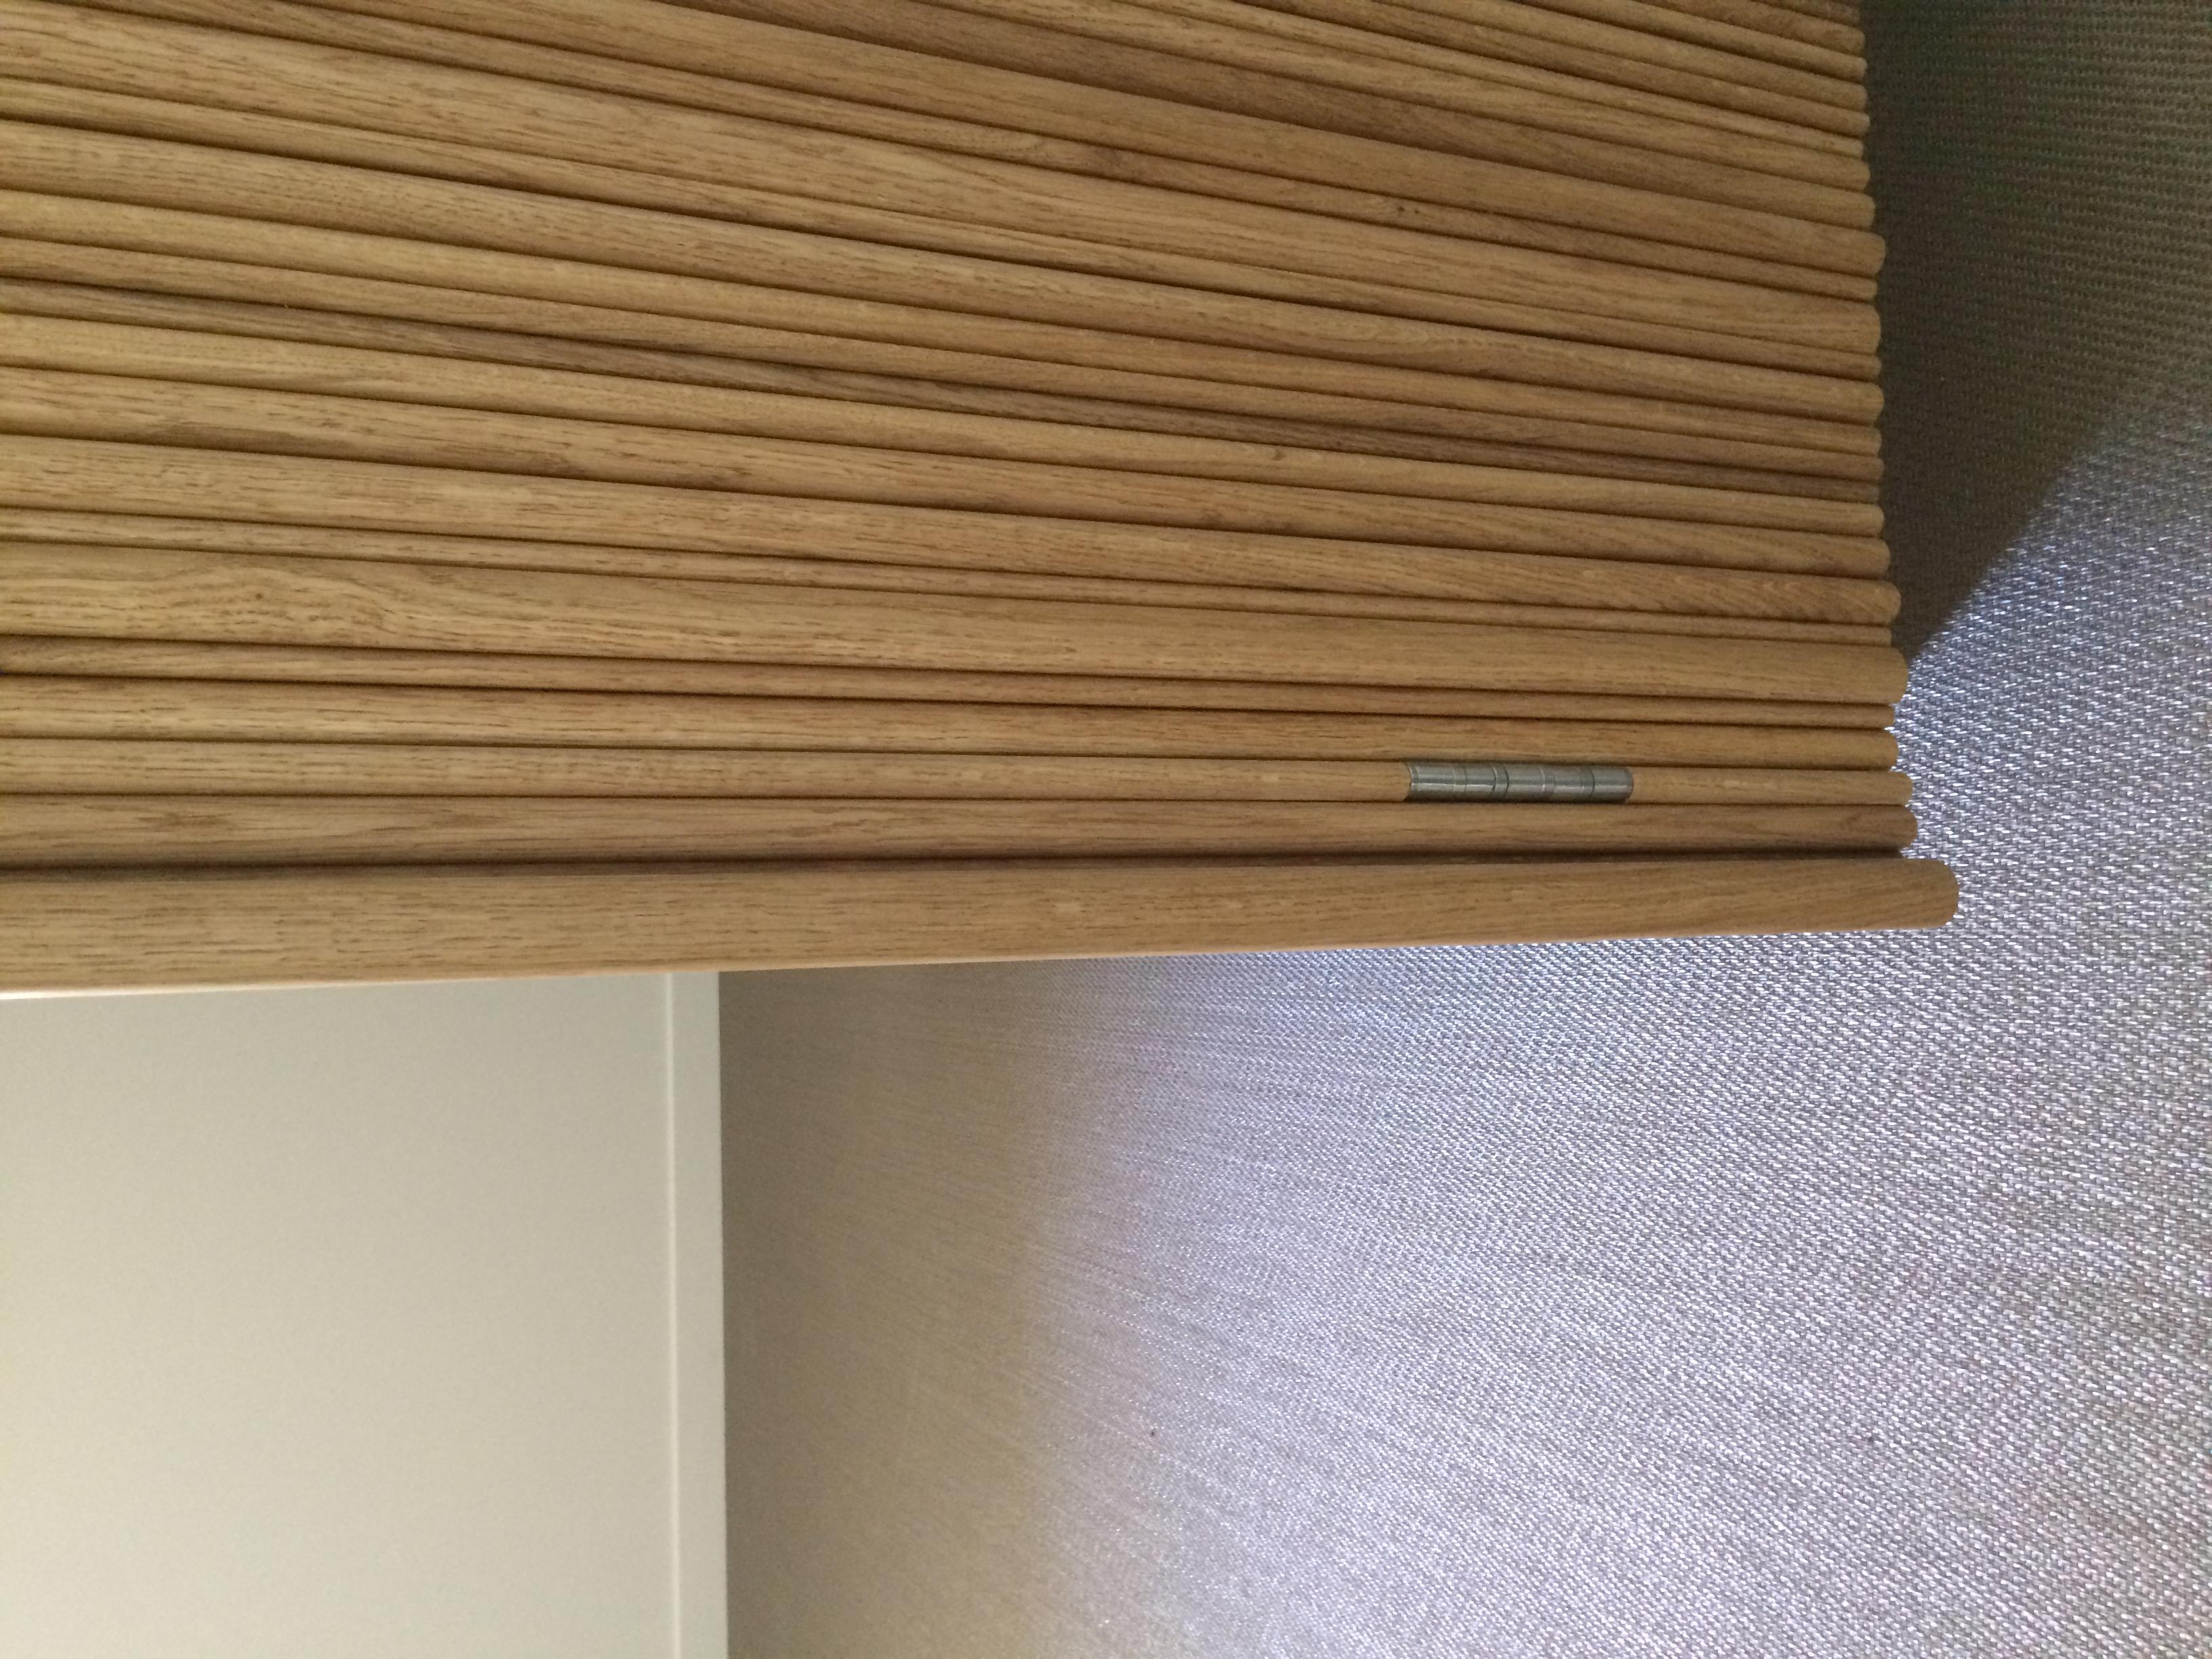 détail de l'armoire en chêne massif